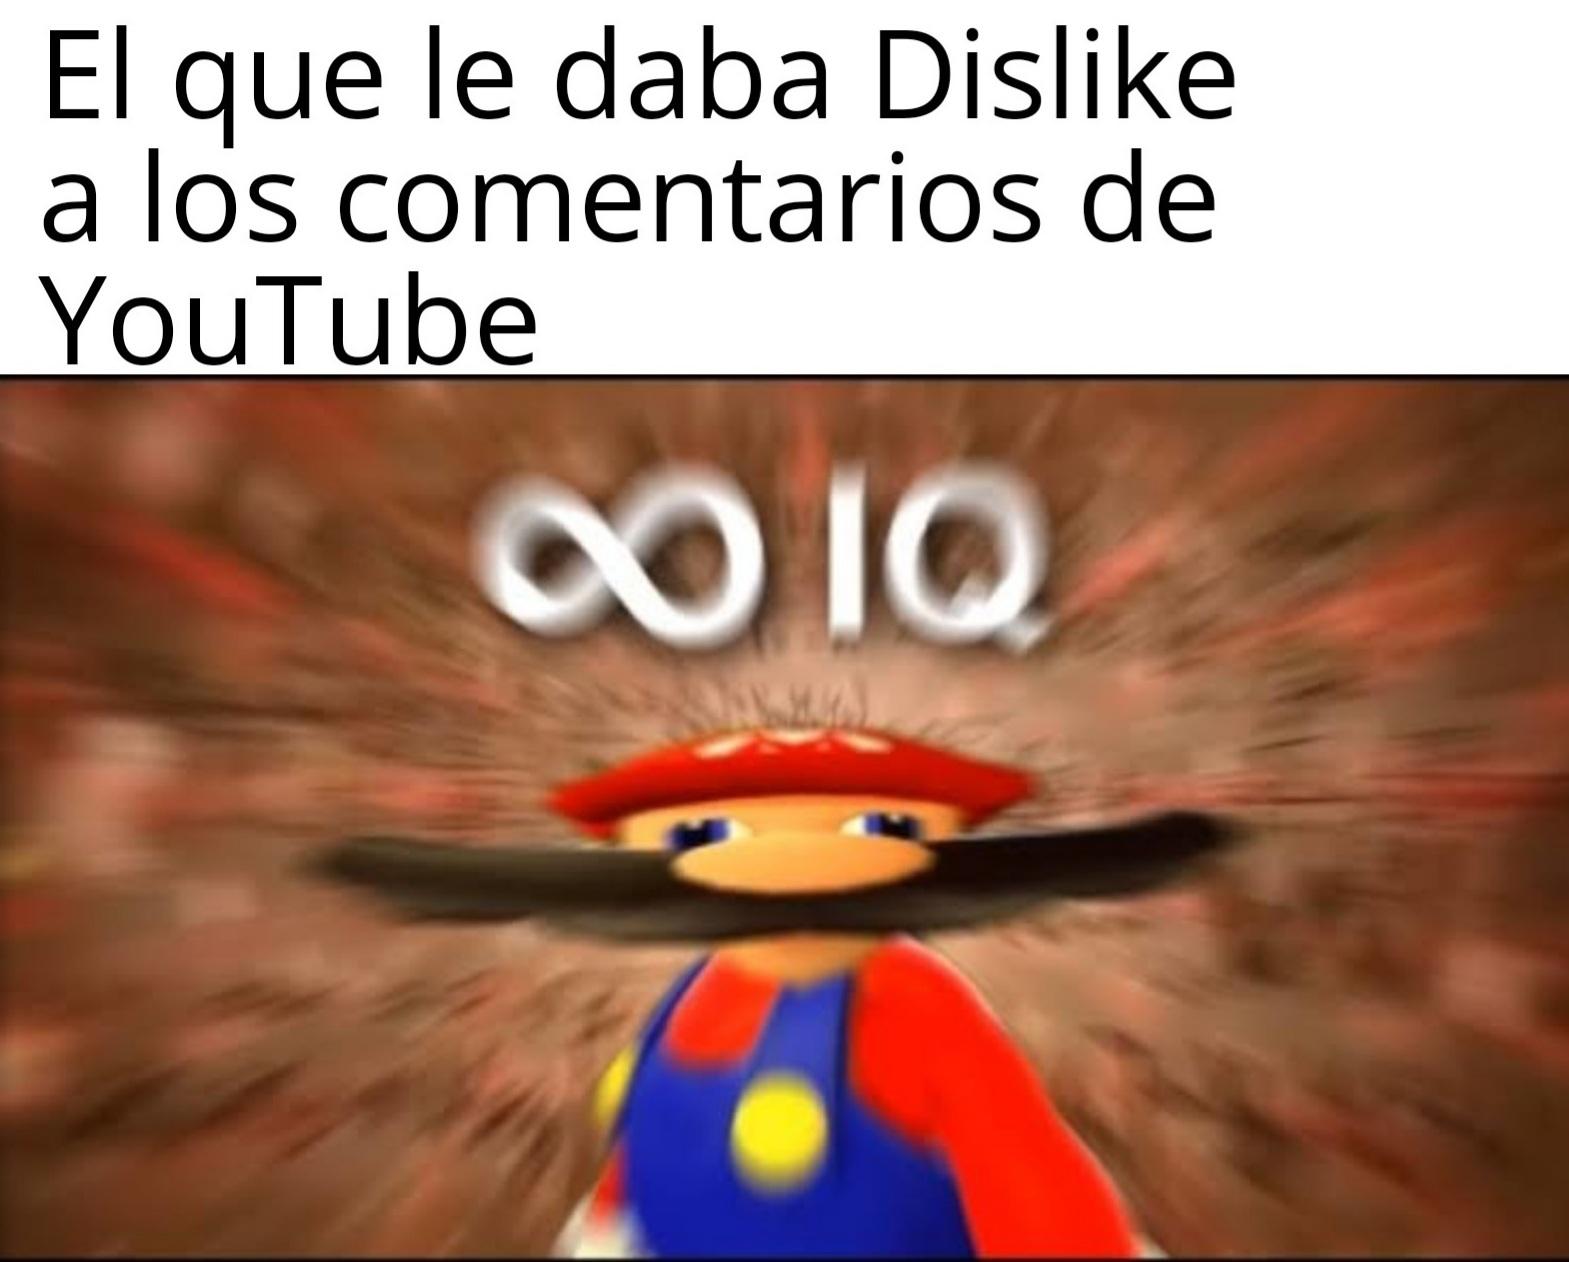 Wou :0 - meme